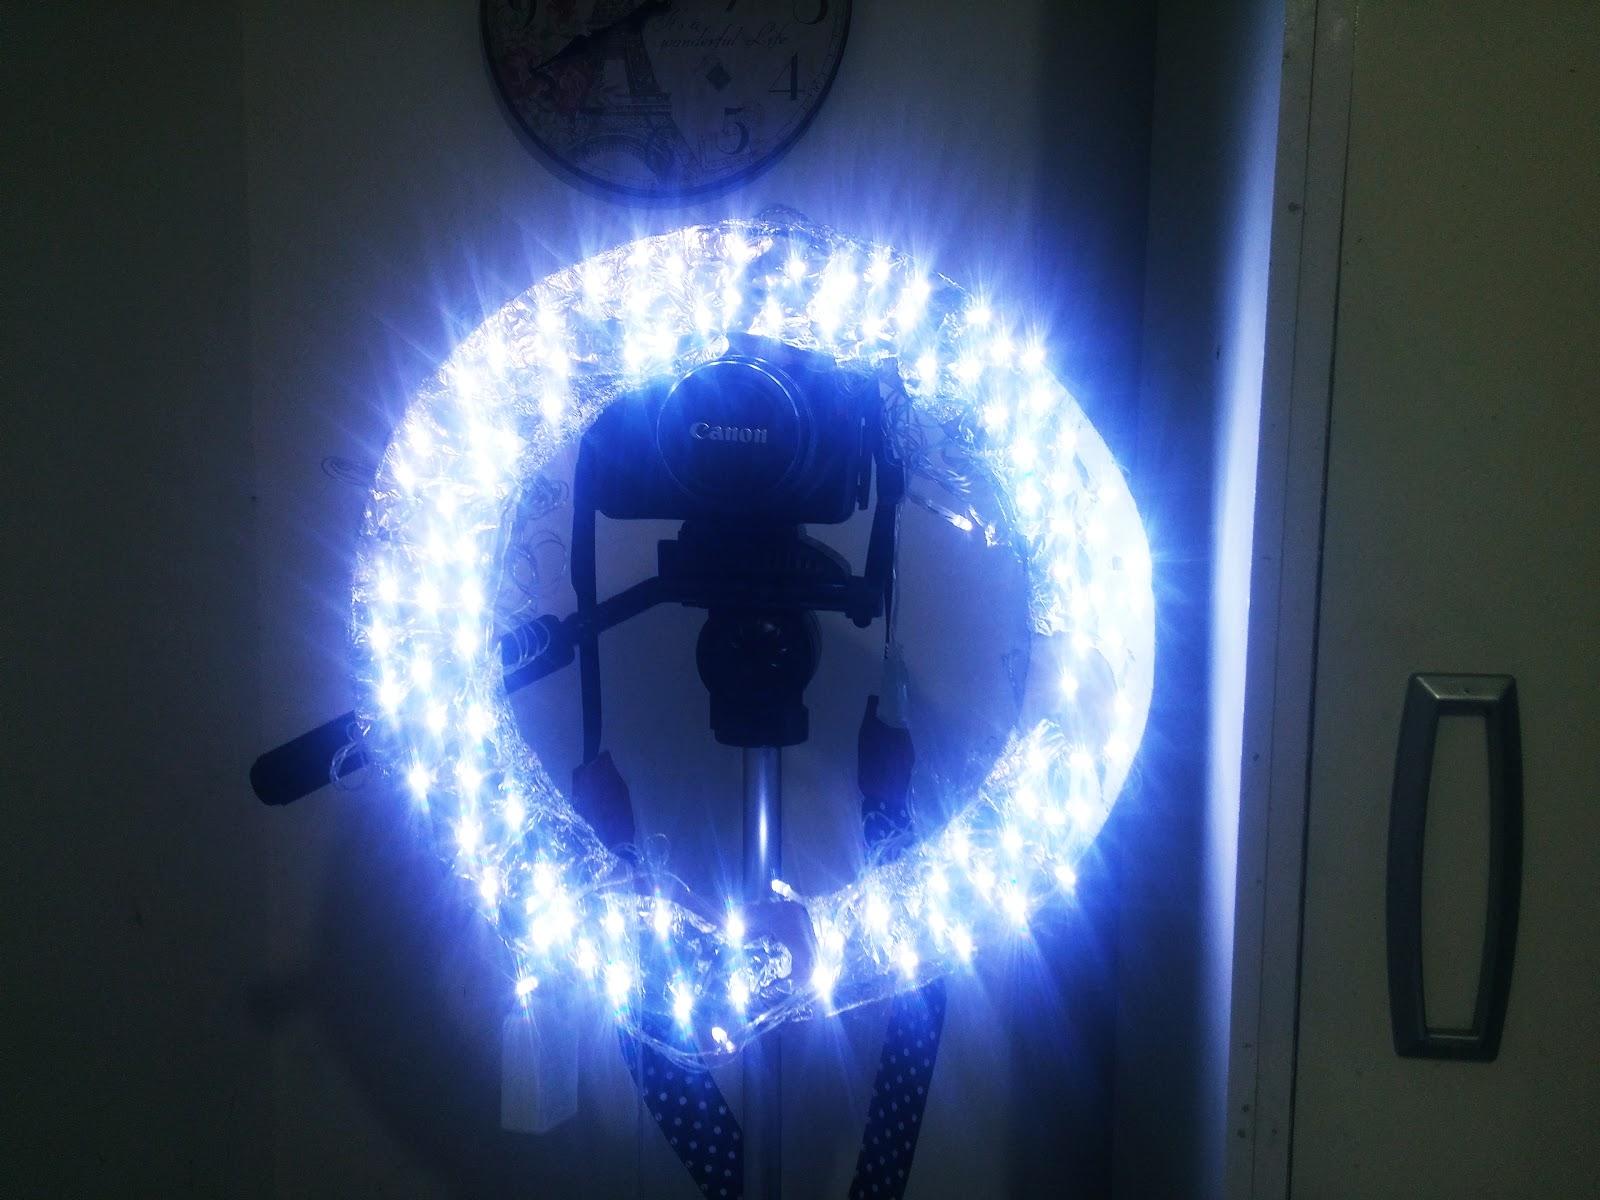 iluminação caseira para gravar vídeos, como fazer iluminação gastando pouco, como fazer ring light caseira, iluminação gastando pouco, iluminação barata para foto e vídeo, iluminação que deixa bolinha no olho